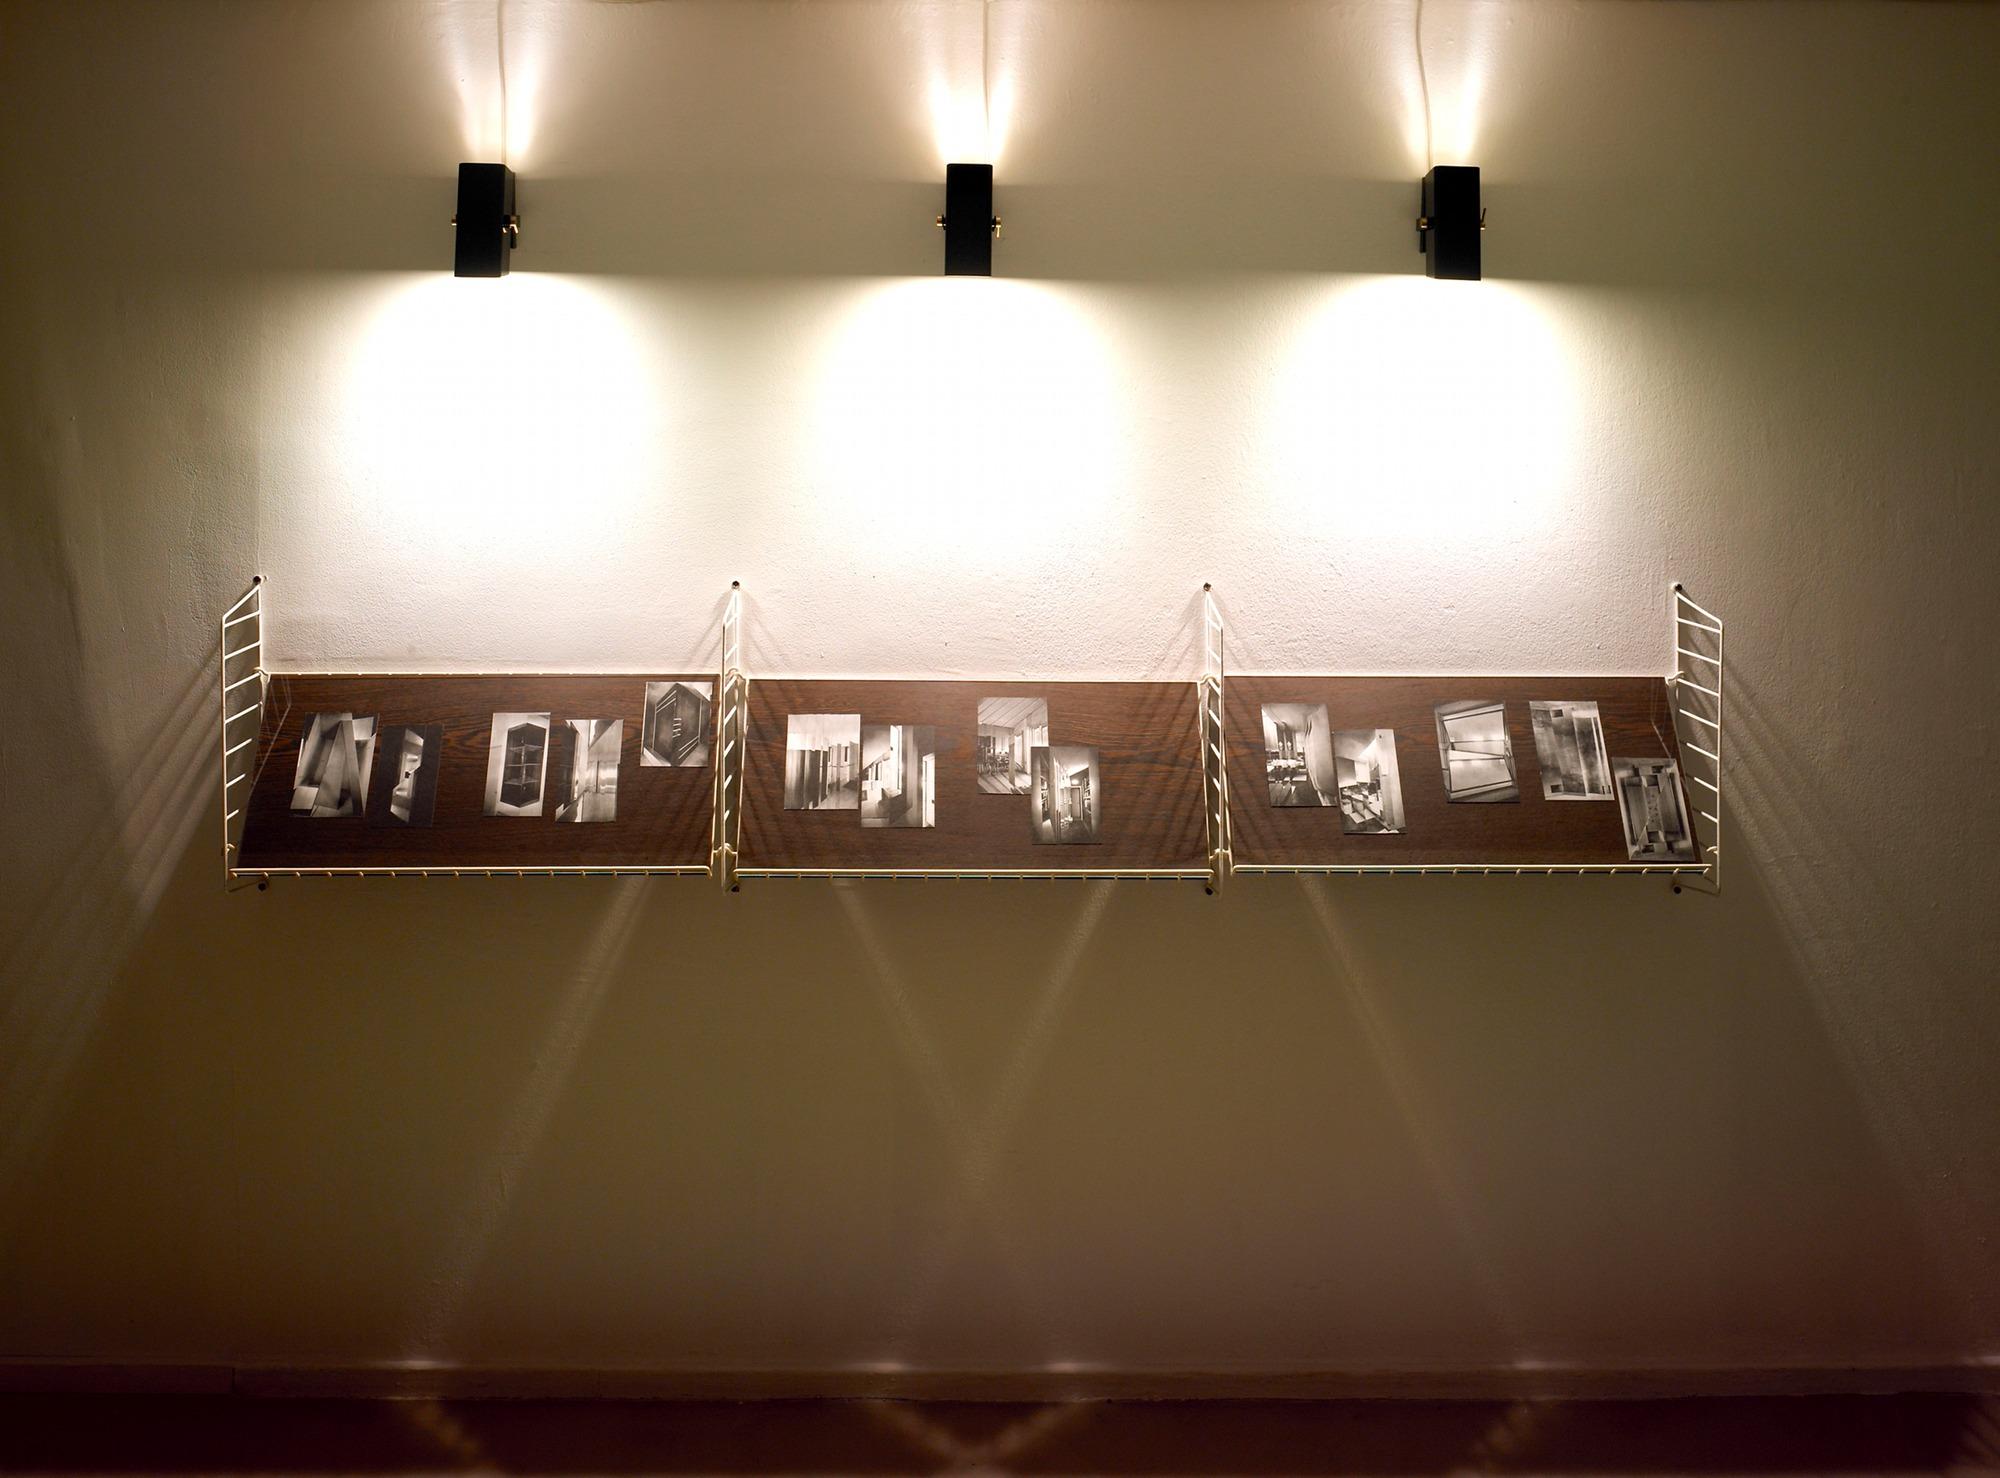 Vue de l'exposition Procession@au CAPC musée